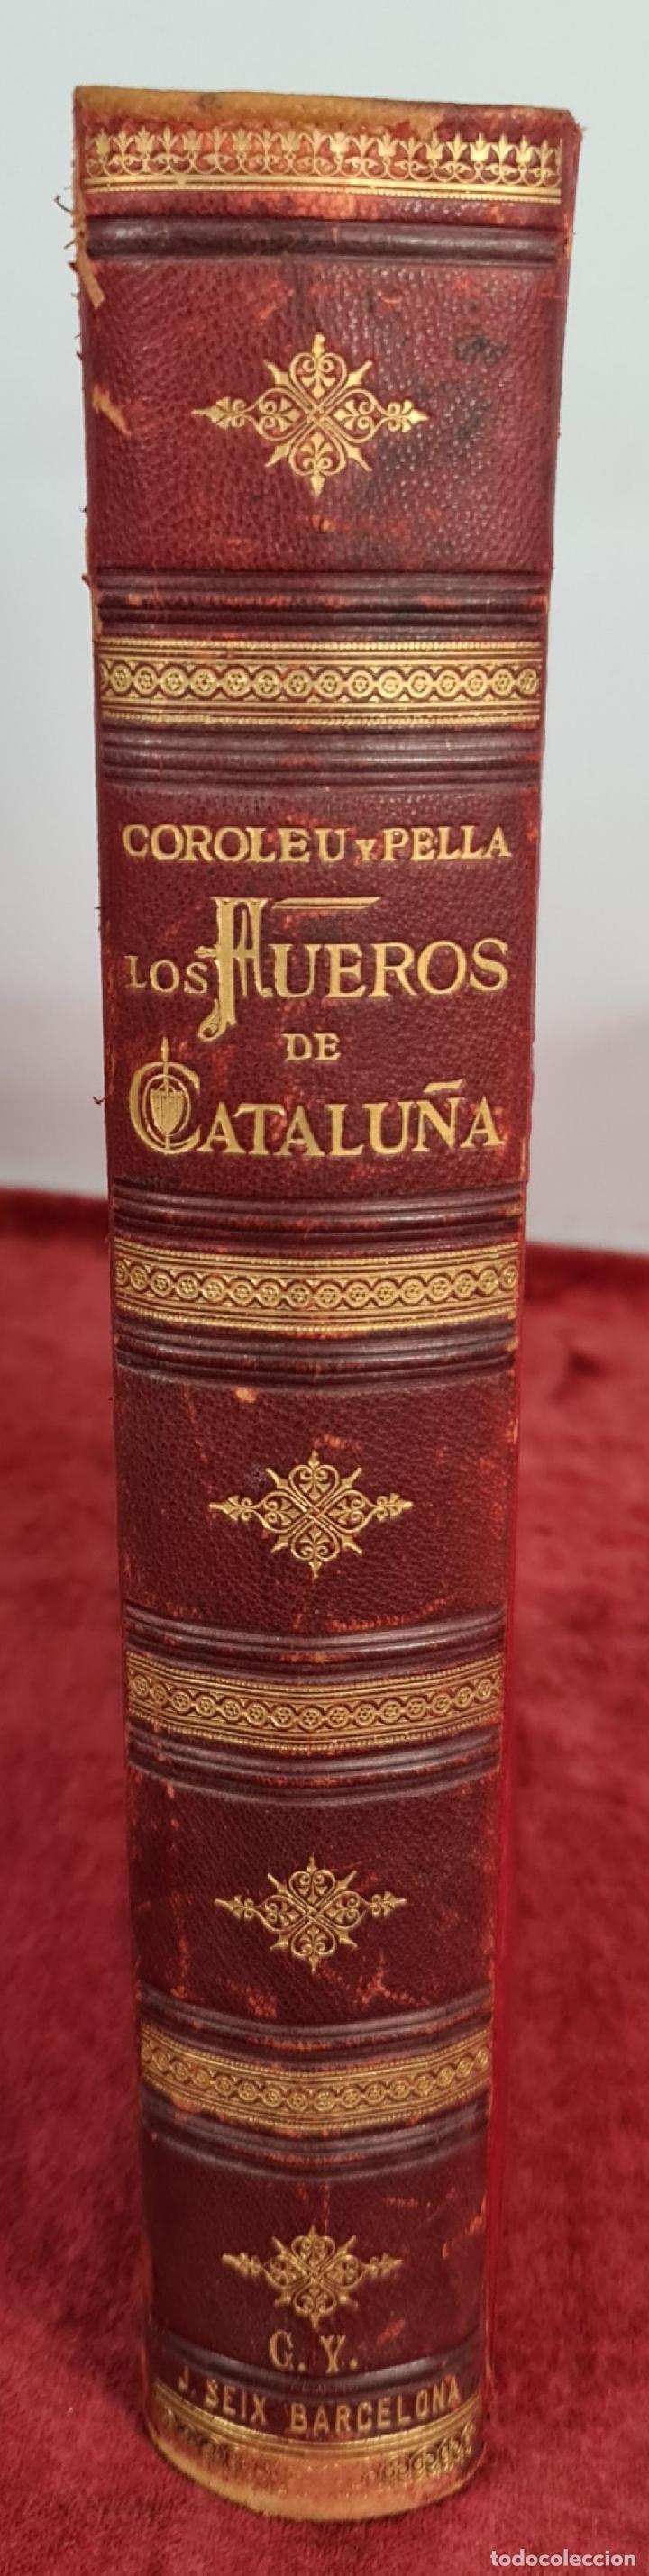 Libros antiguos: LOS FUEROS DE CATALUÑA. JOSE COROLEU Y JOSE PELLA. IMP. LUIS TASSO. 1878. - Foto 8 - 263237325